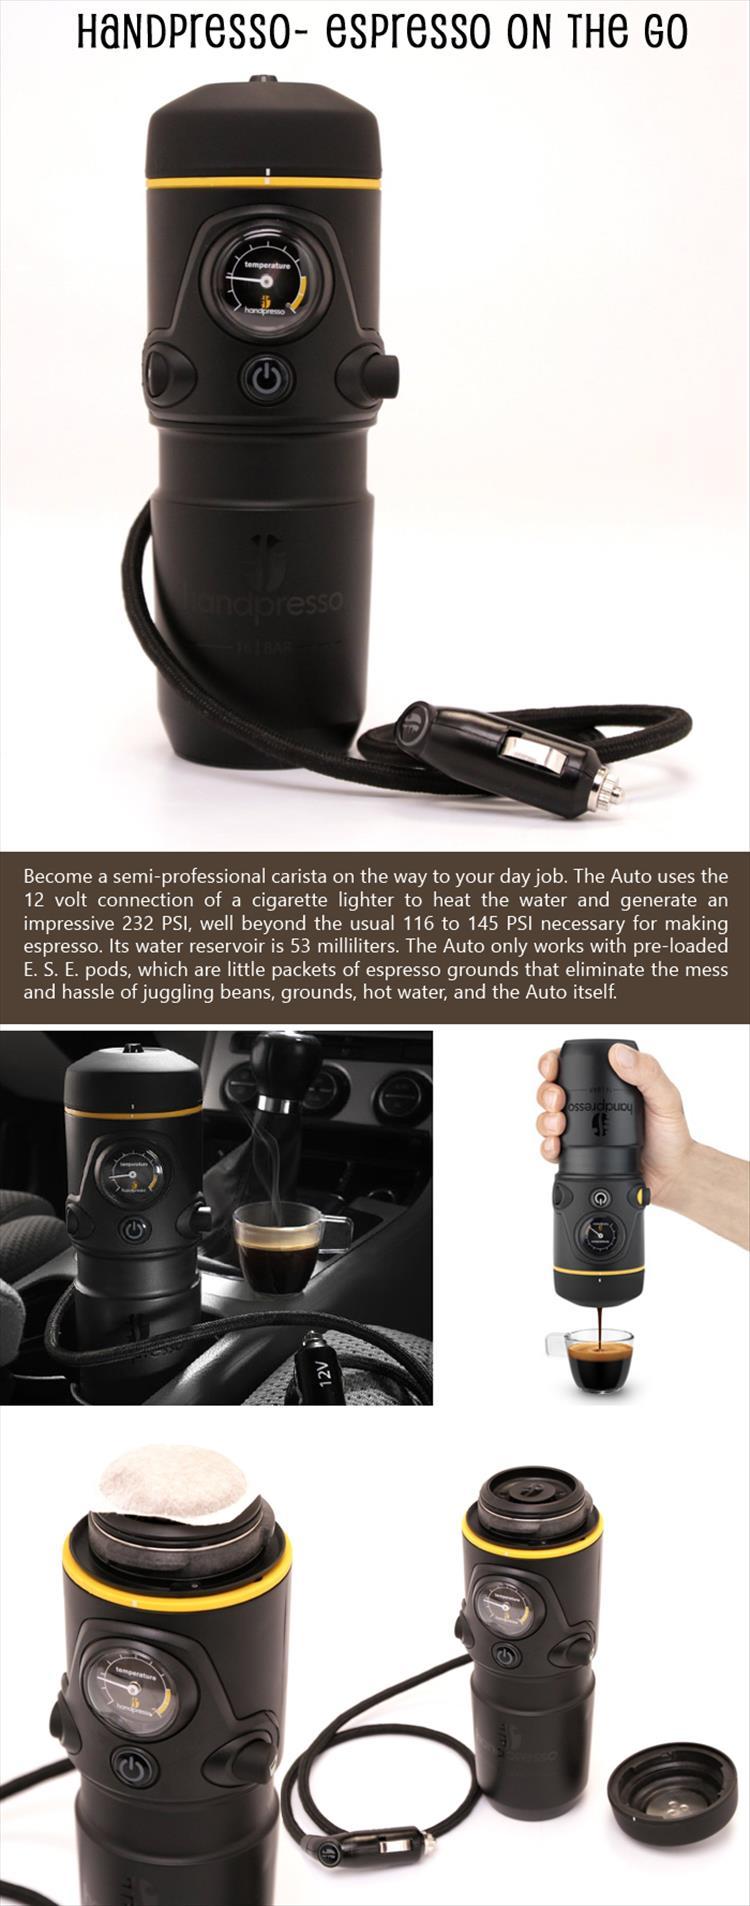 handpresso-espresso-on-the-go